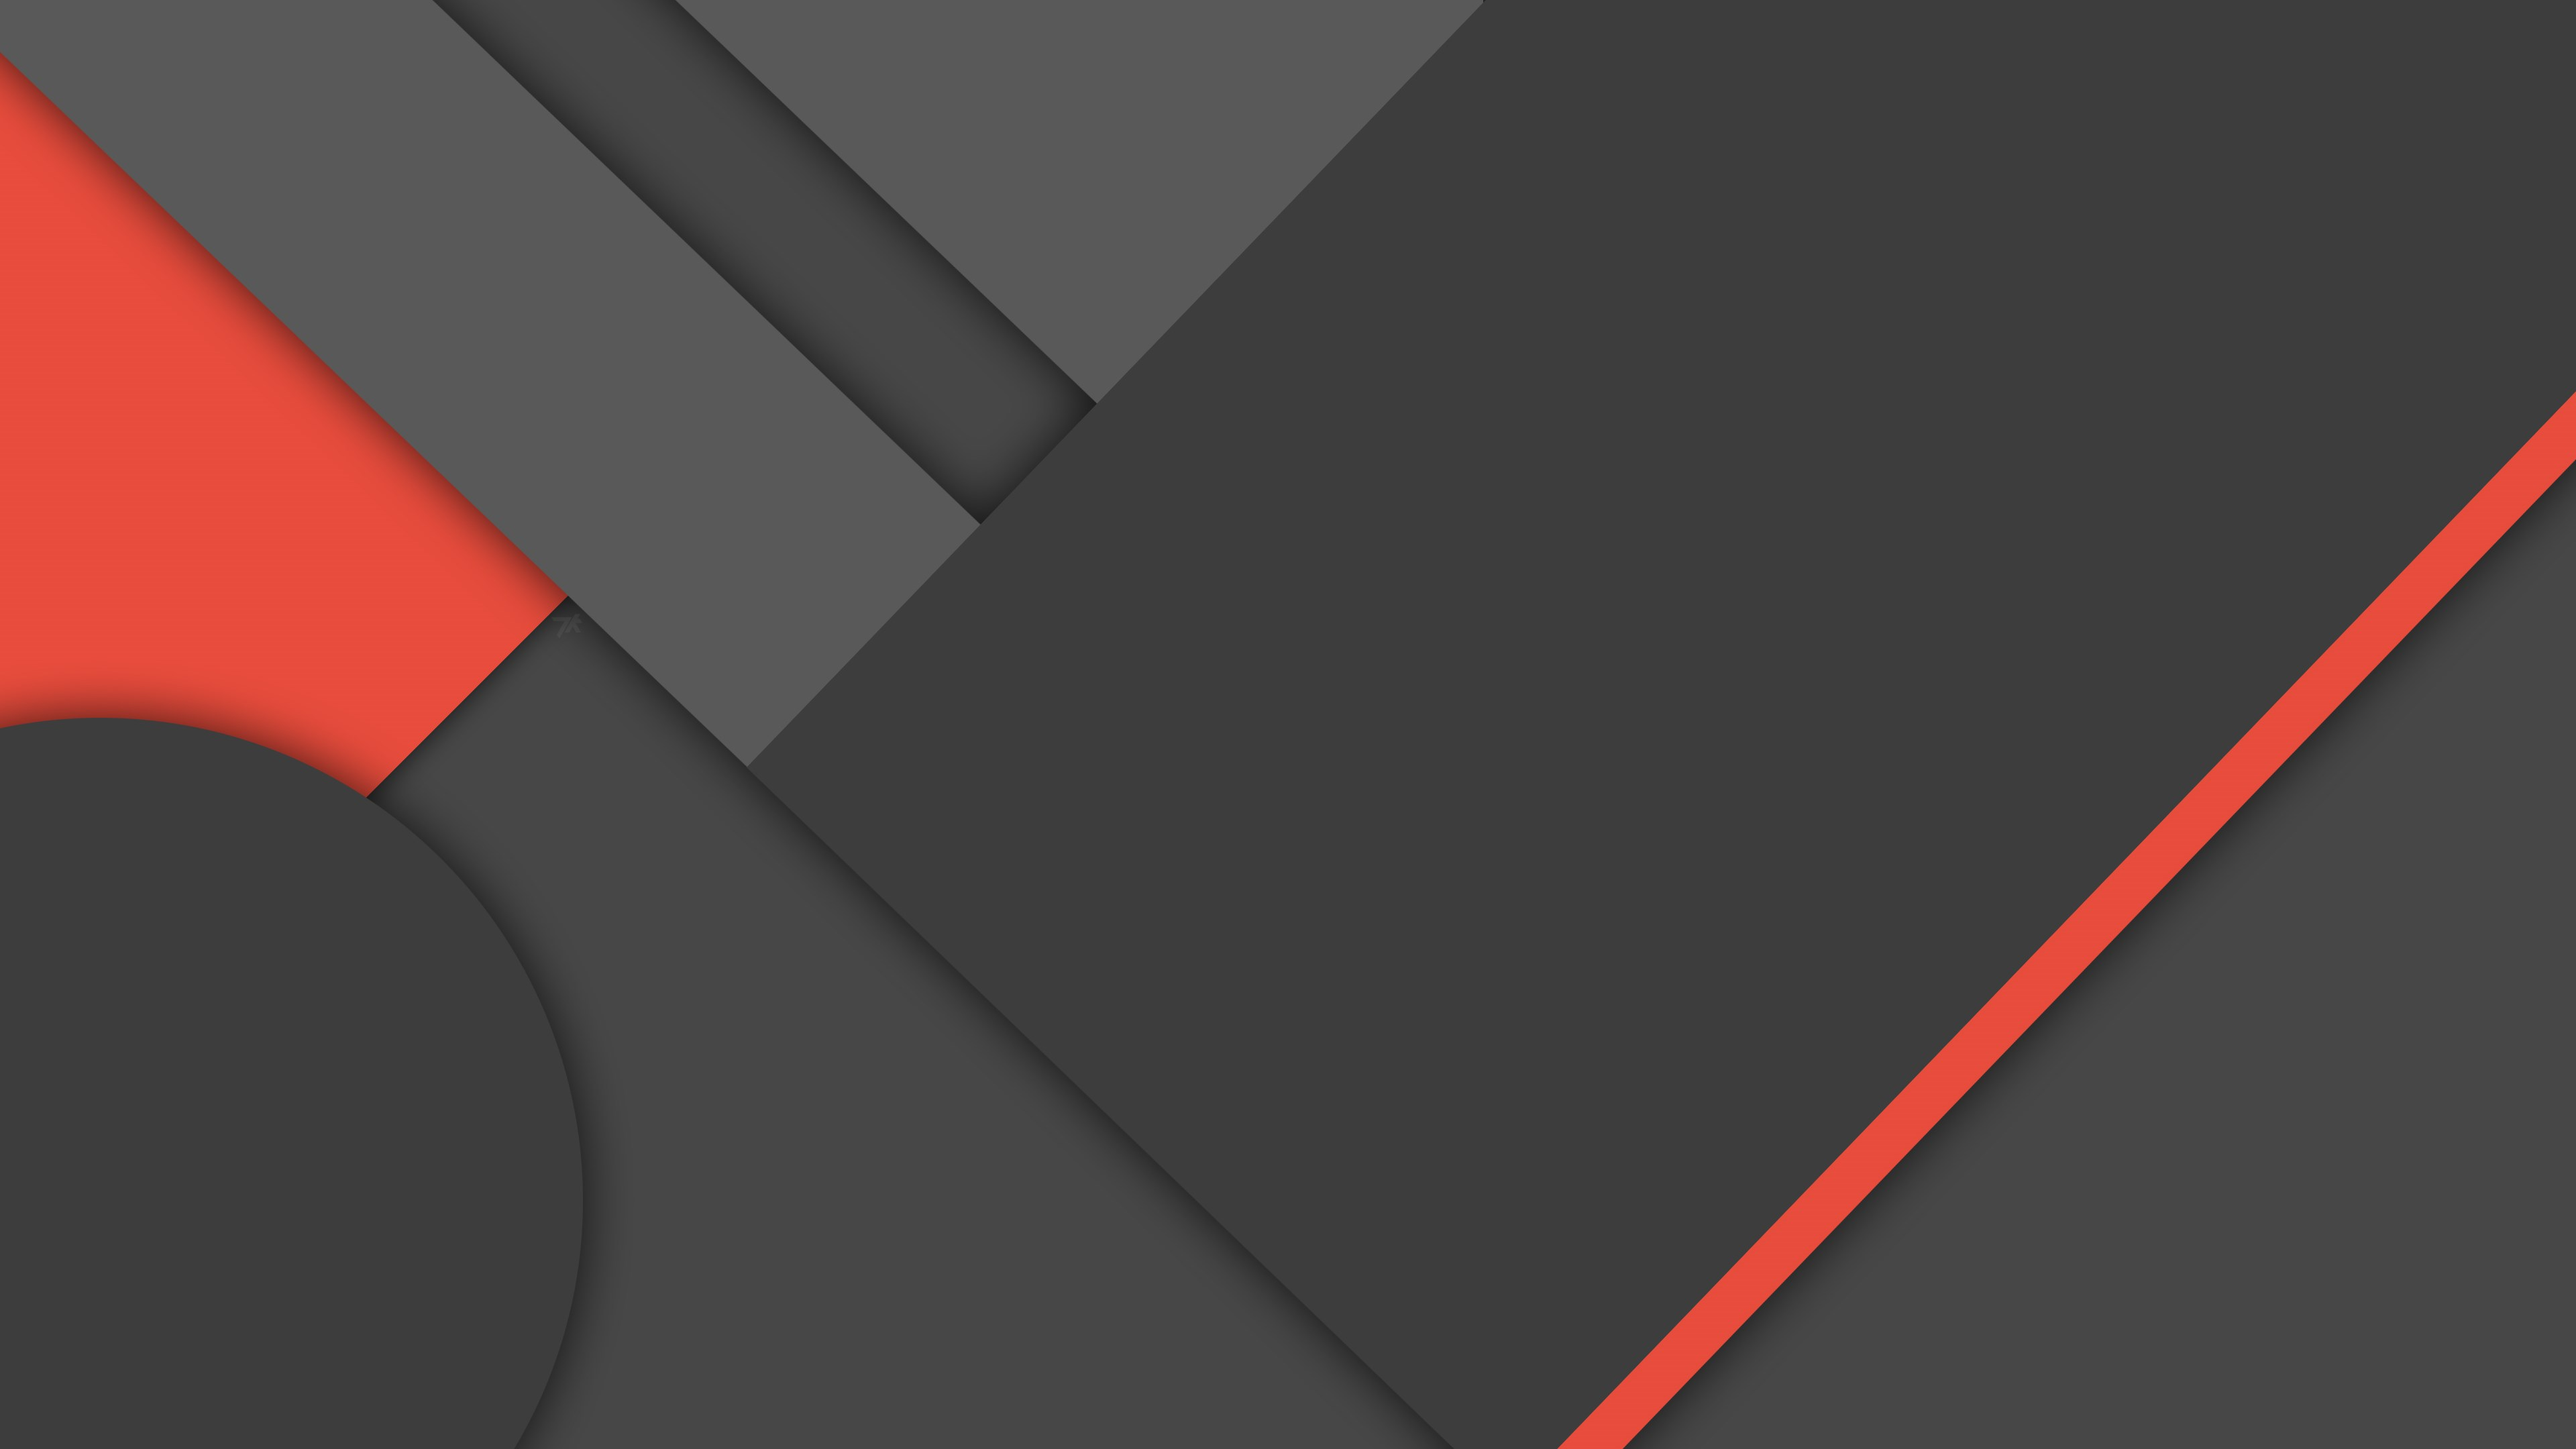 Dark Material Design Wallpaper u00b7 HD Wallpapers